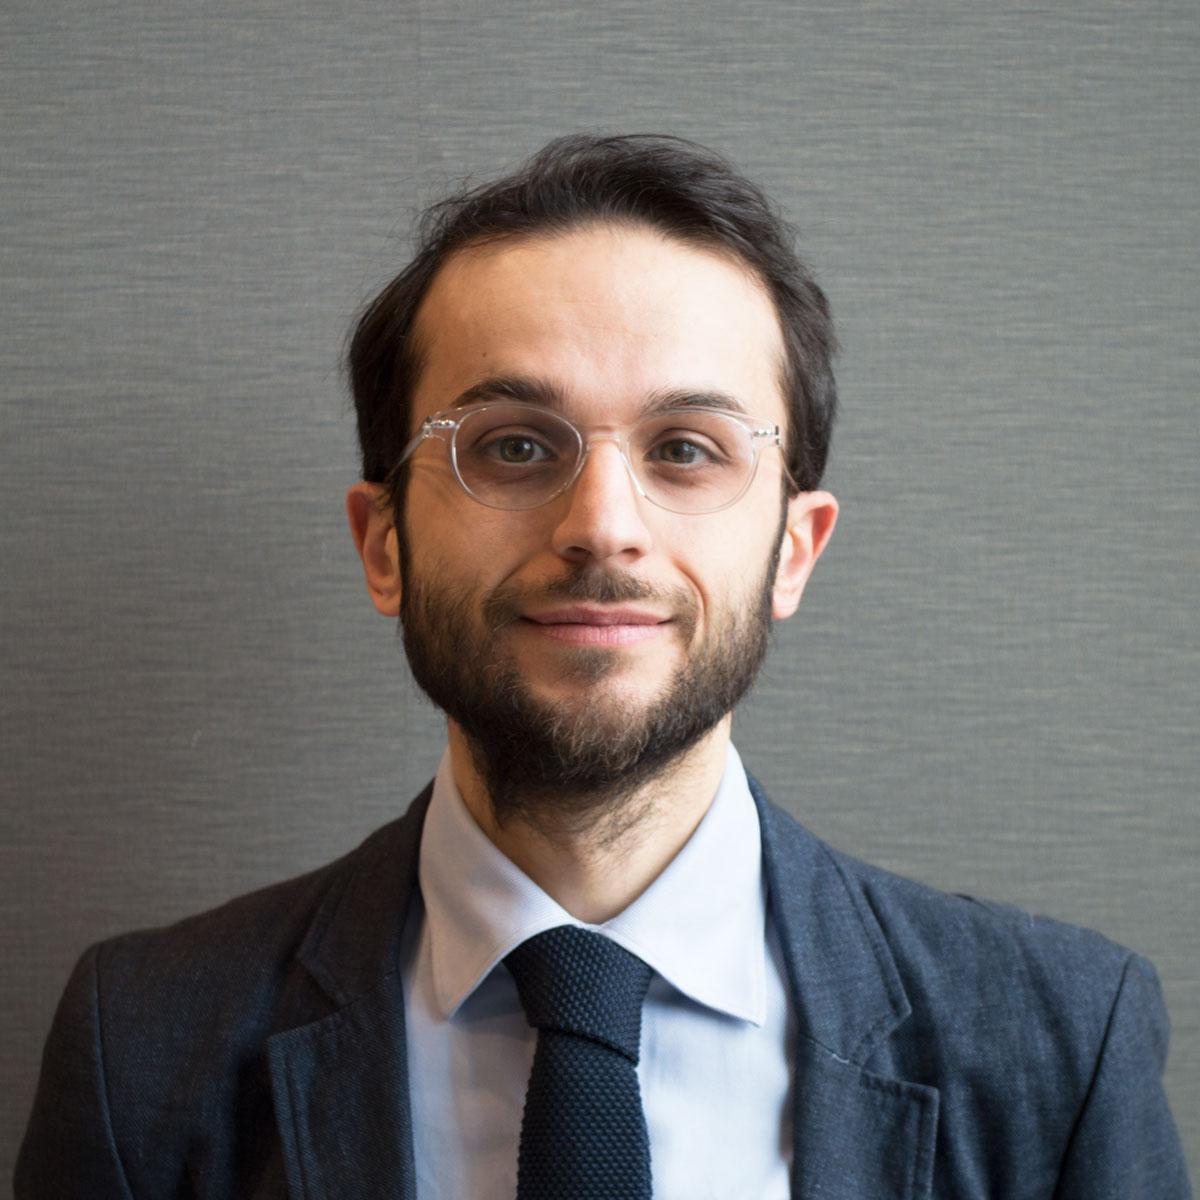 Alberto Recchioni